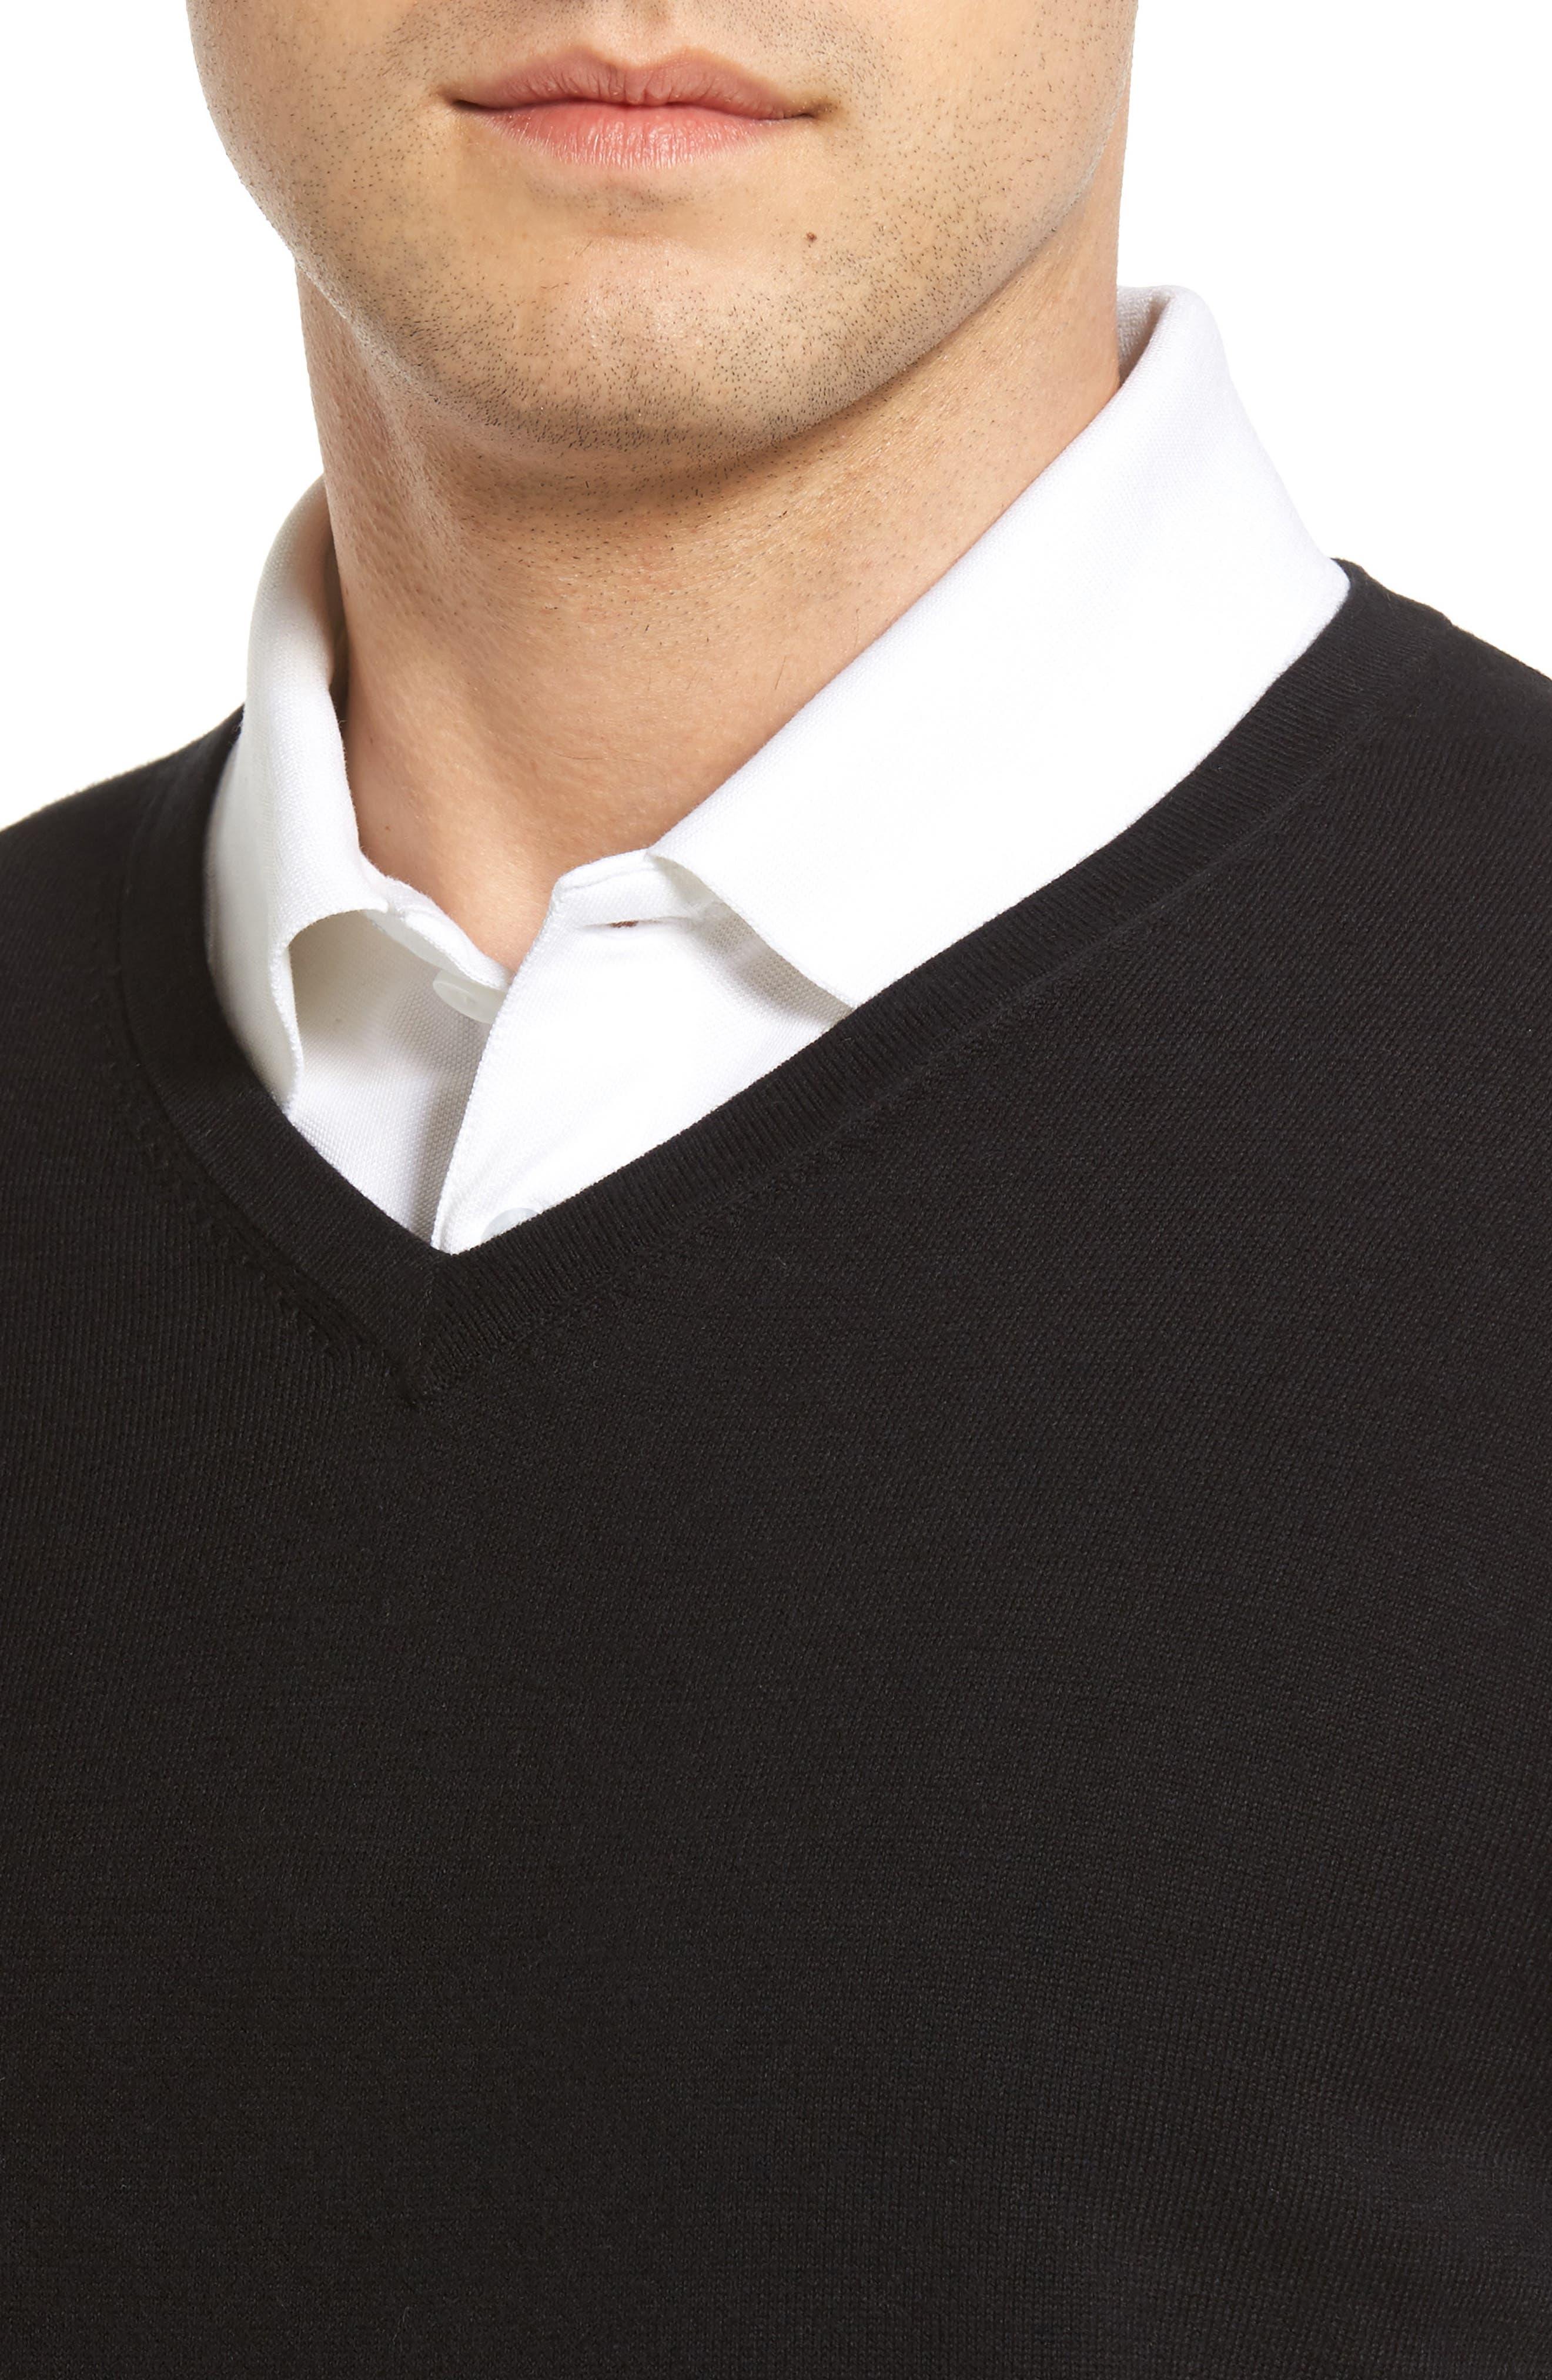 Lakemont V-Neck Sweater,                             Alternate thumbnail 4, color,                             BLACK